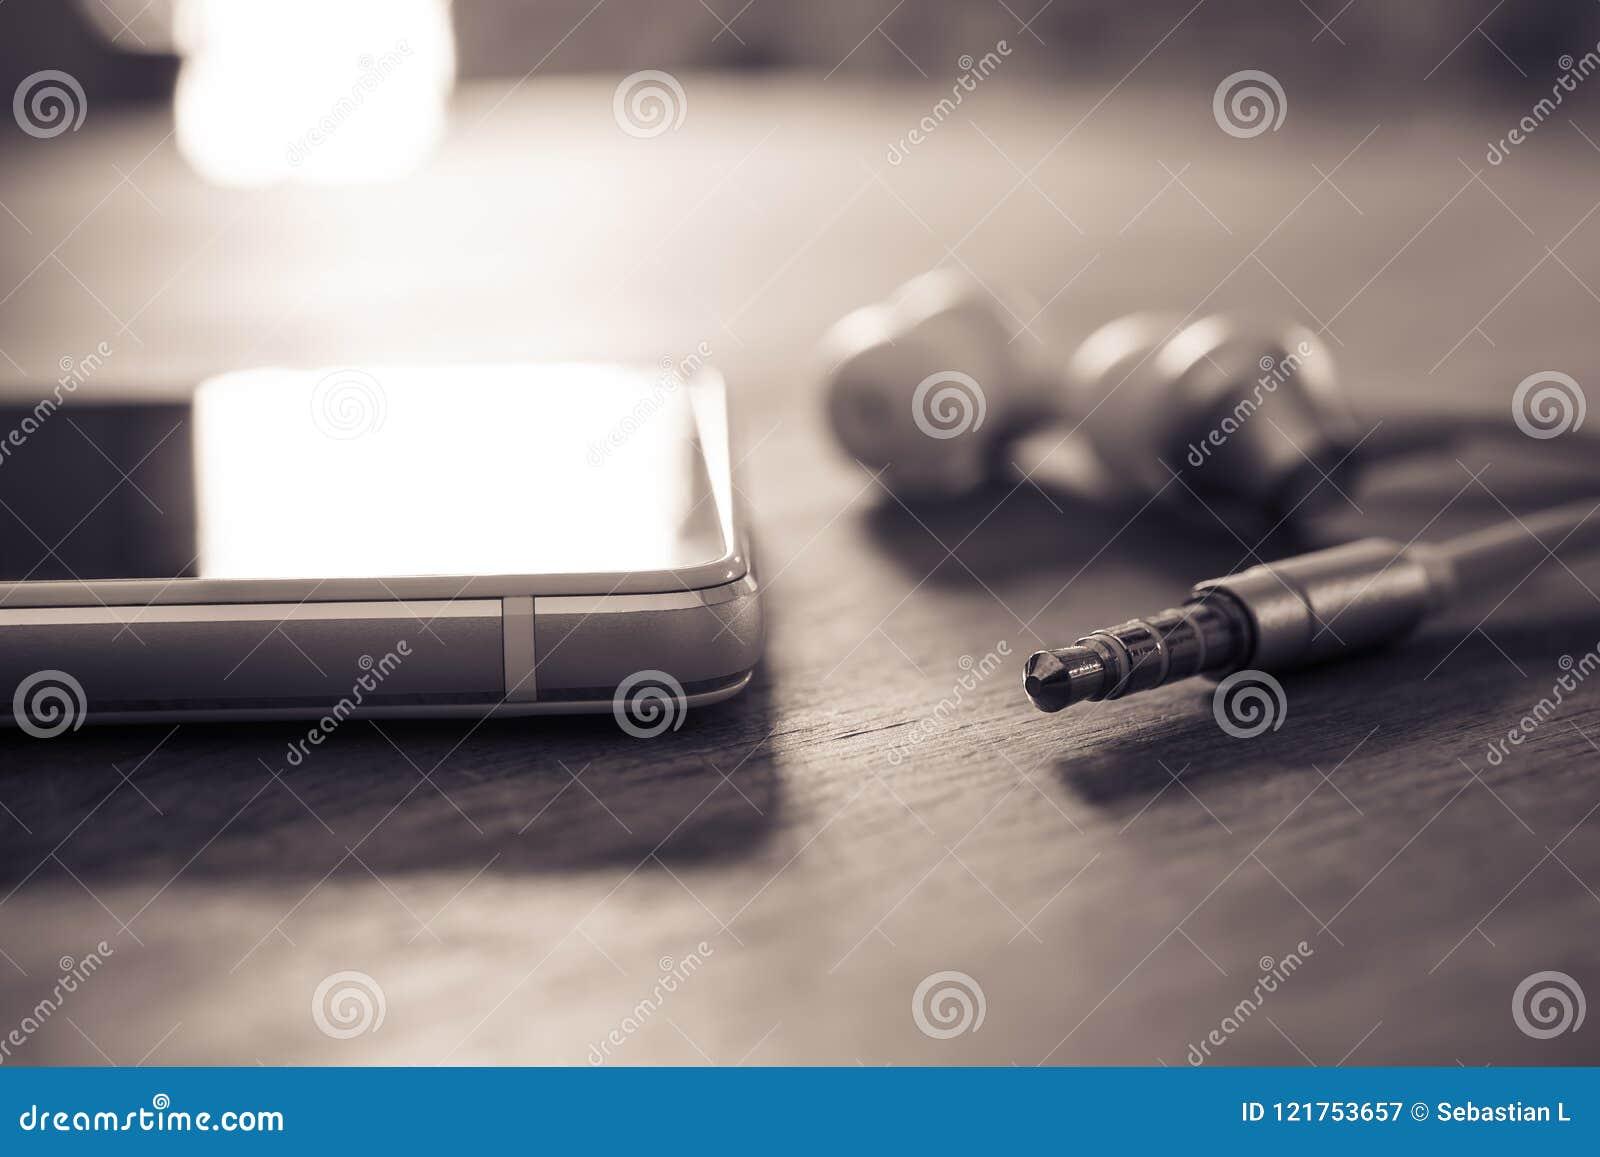 Ακουστικά και καλώδιο -αυτιών που βρίσκονται δίπλα σε ένα άσπρο κινητό τηλέφωνο στα μονοχρωματικά χρώματα